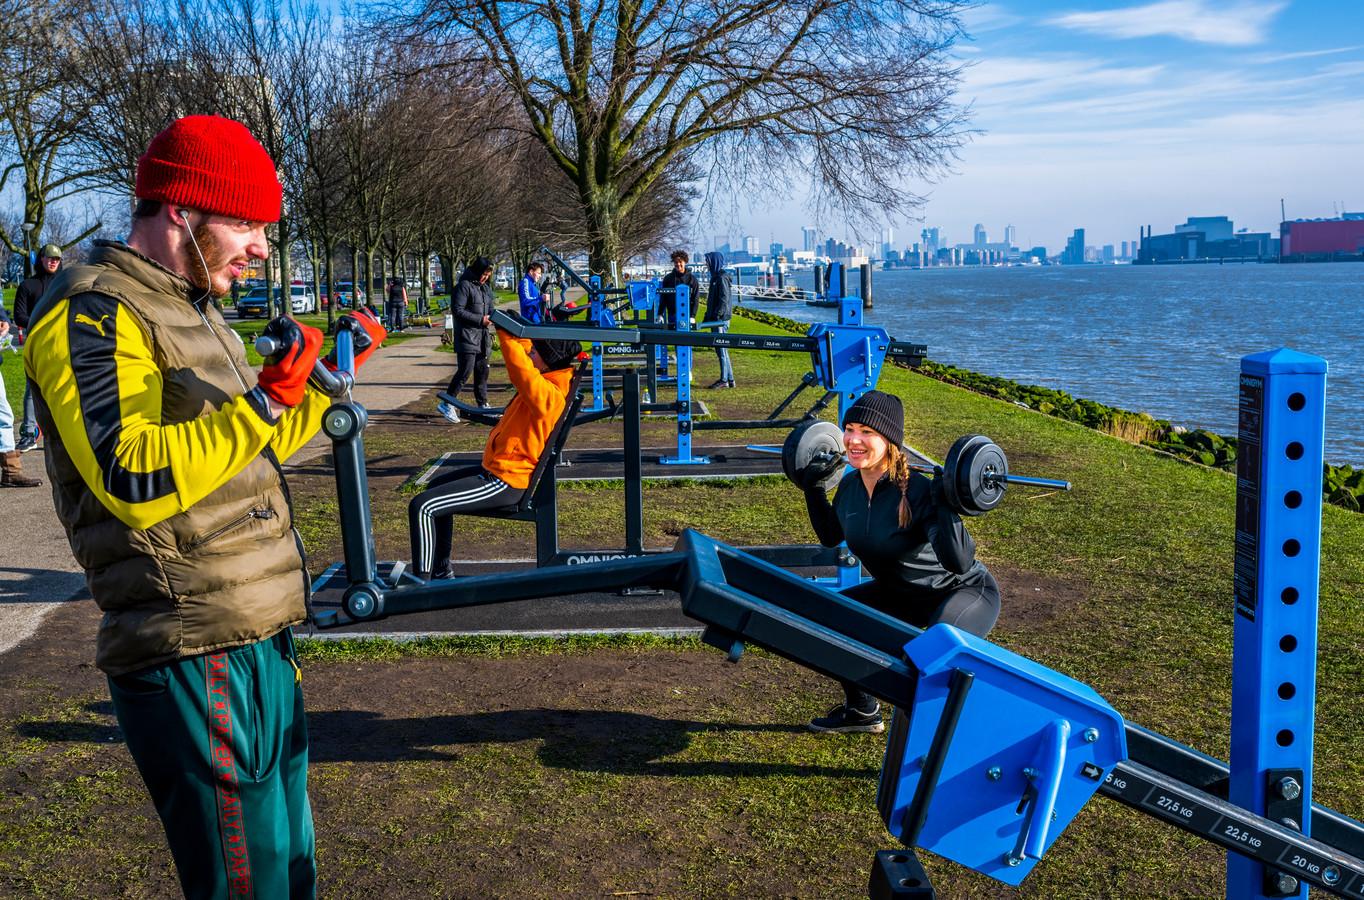 Er wordt gretig gebruikgemaakt van de fitnesstoestellen op de Maasboulevard in Schiedam.